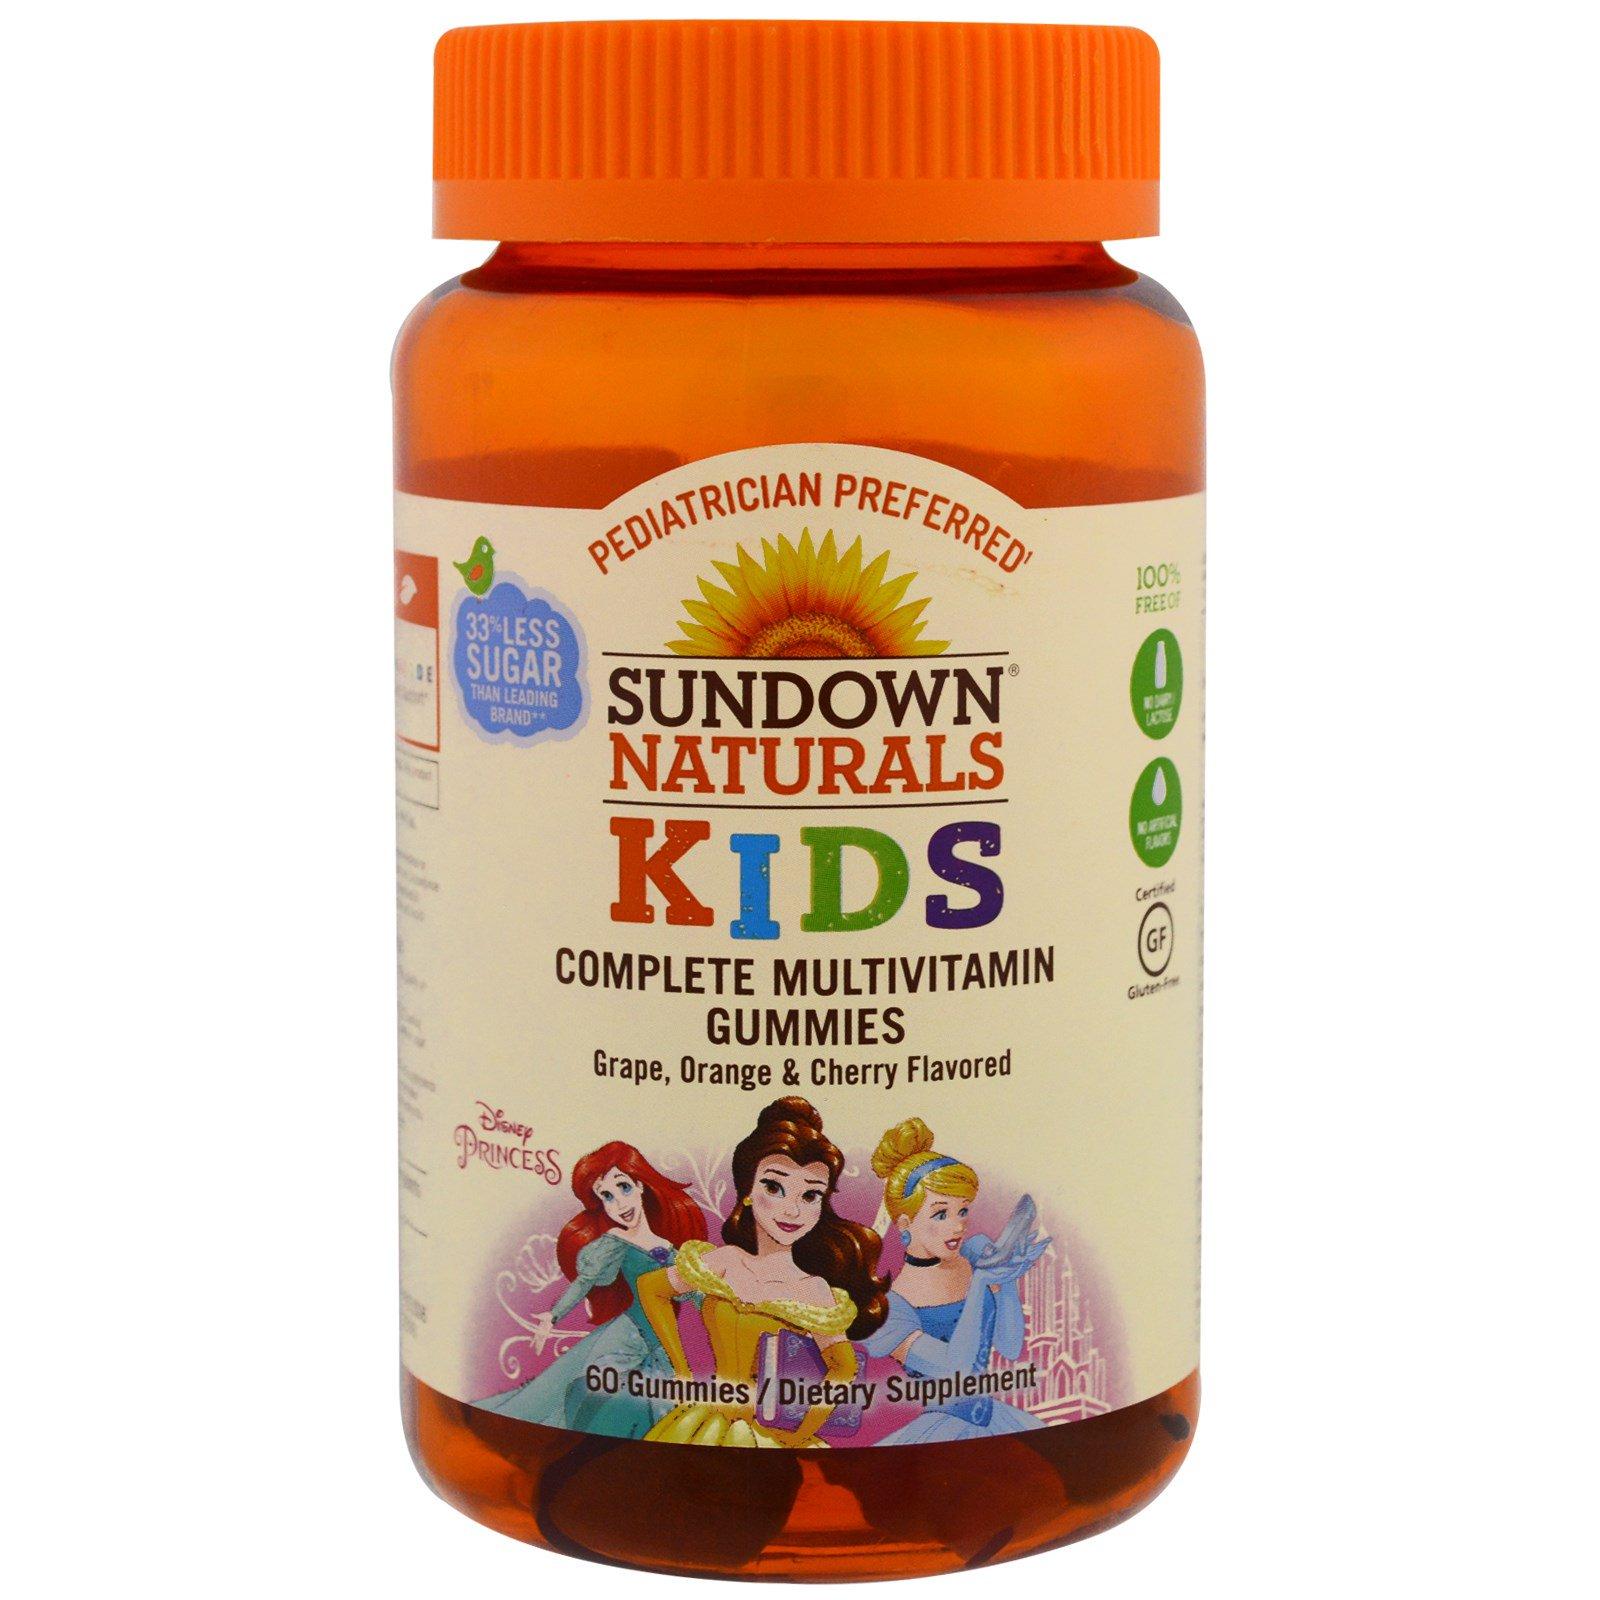 Sundown Naturals Kids, Детские жевательные мультивитамины, Диснеевские принцессы, со вкусом винограда, апельсина и вишни, 60 штук